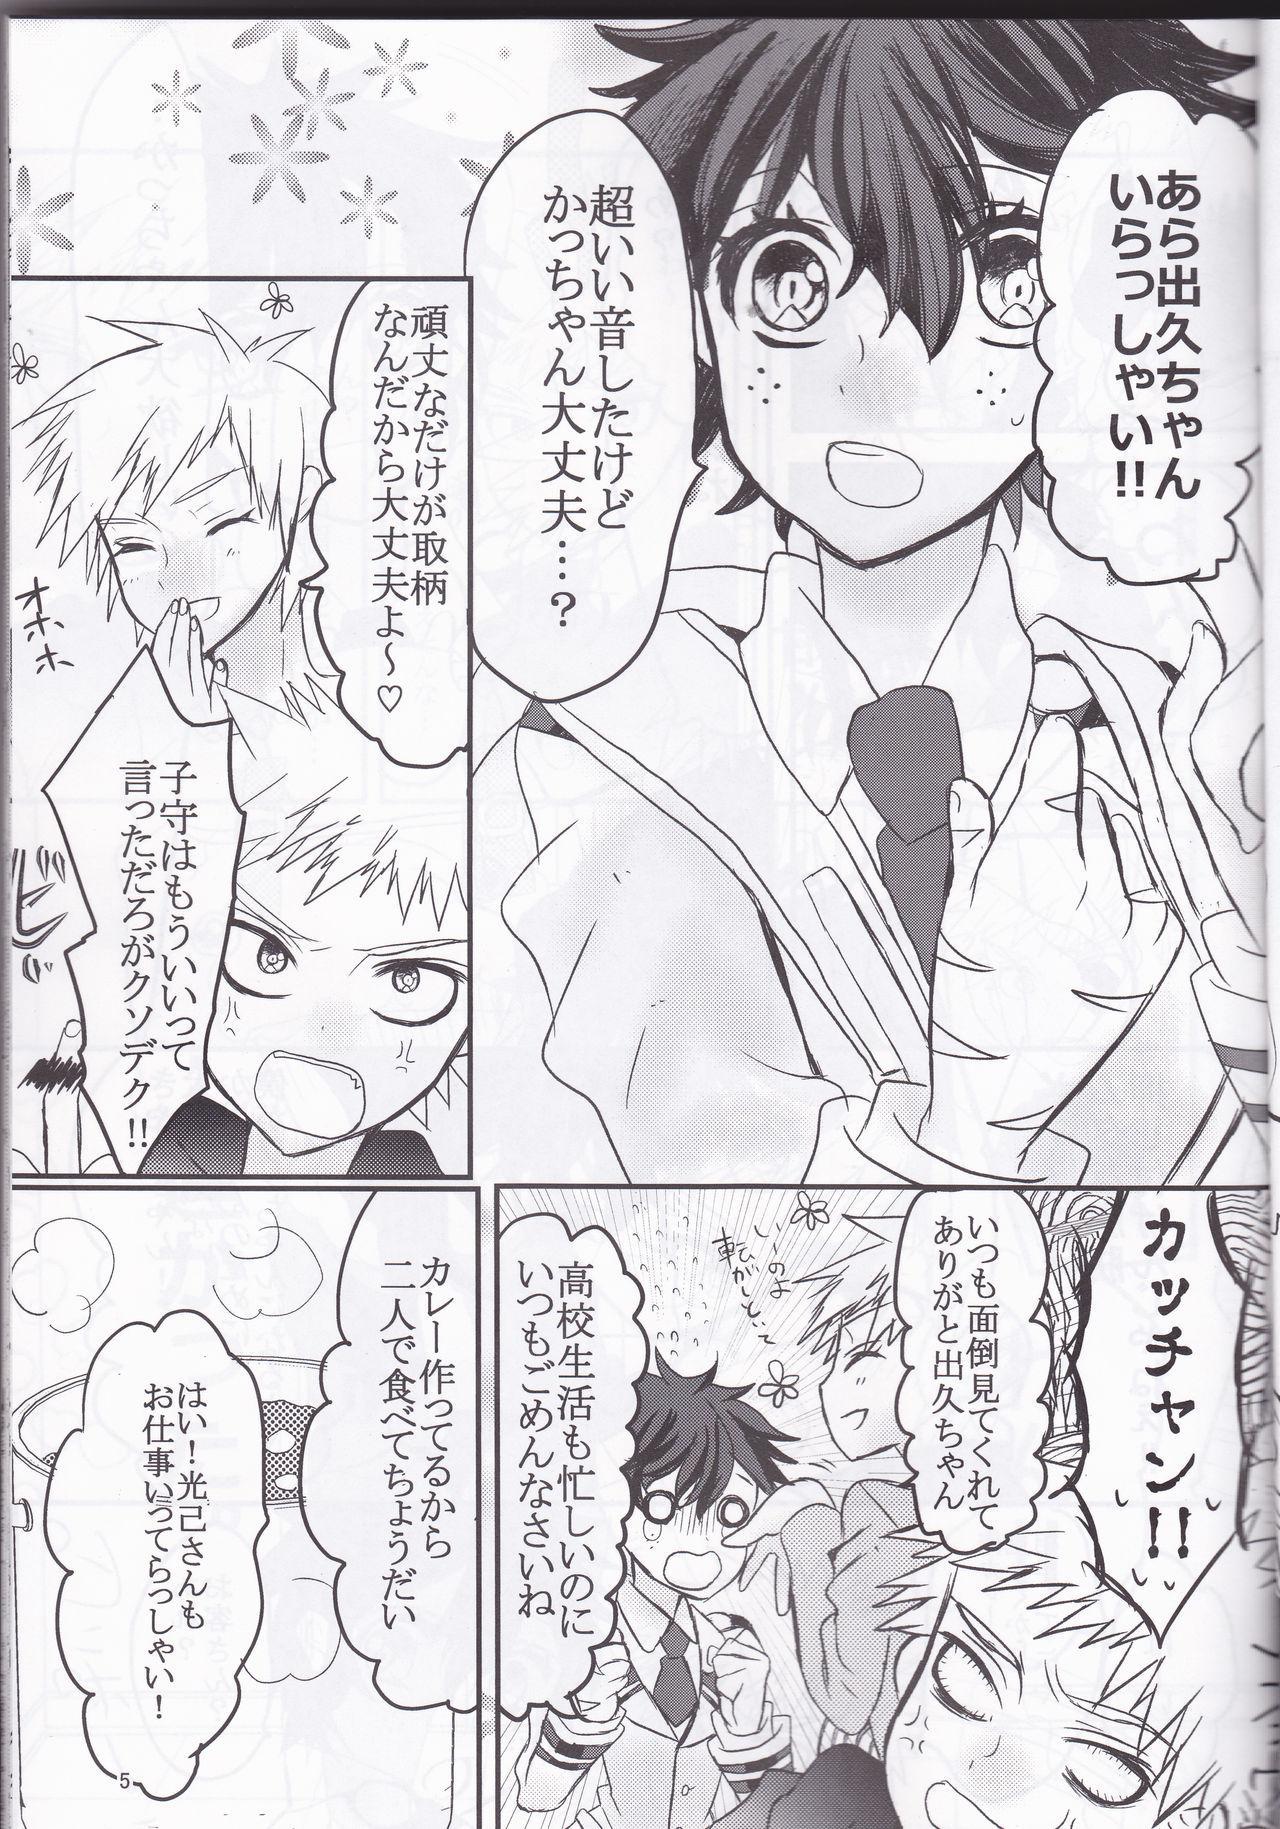 Yozakura Sanpomichi (Boku no Hero Academia] 4